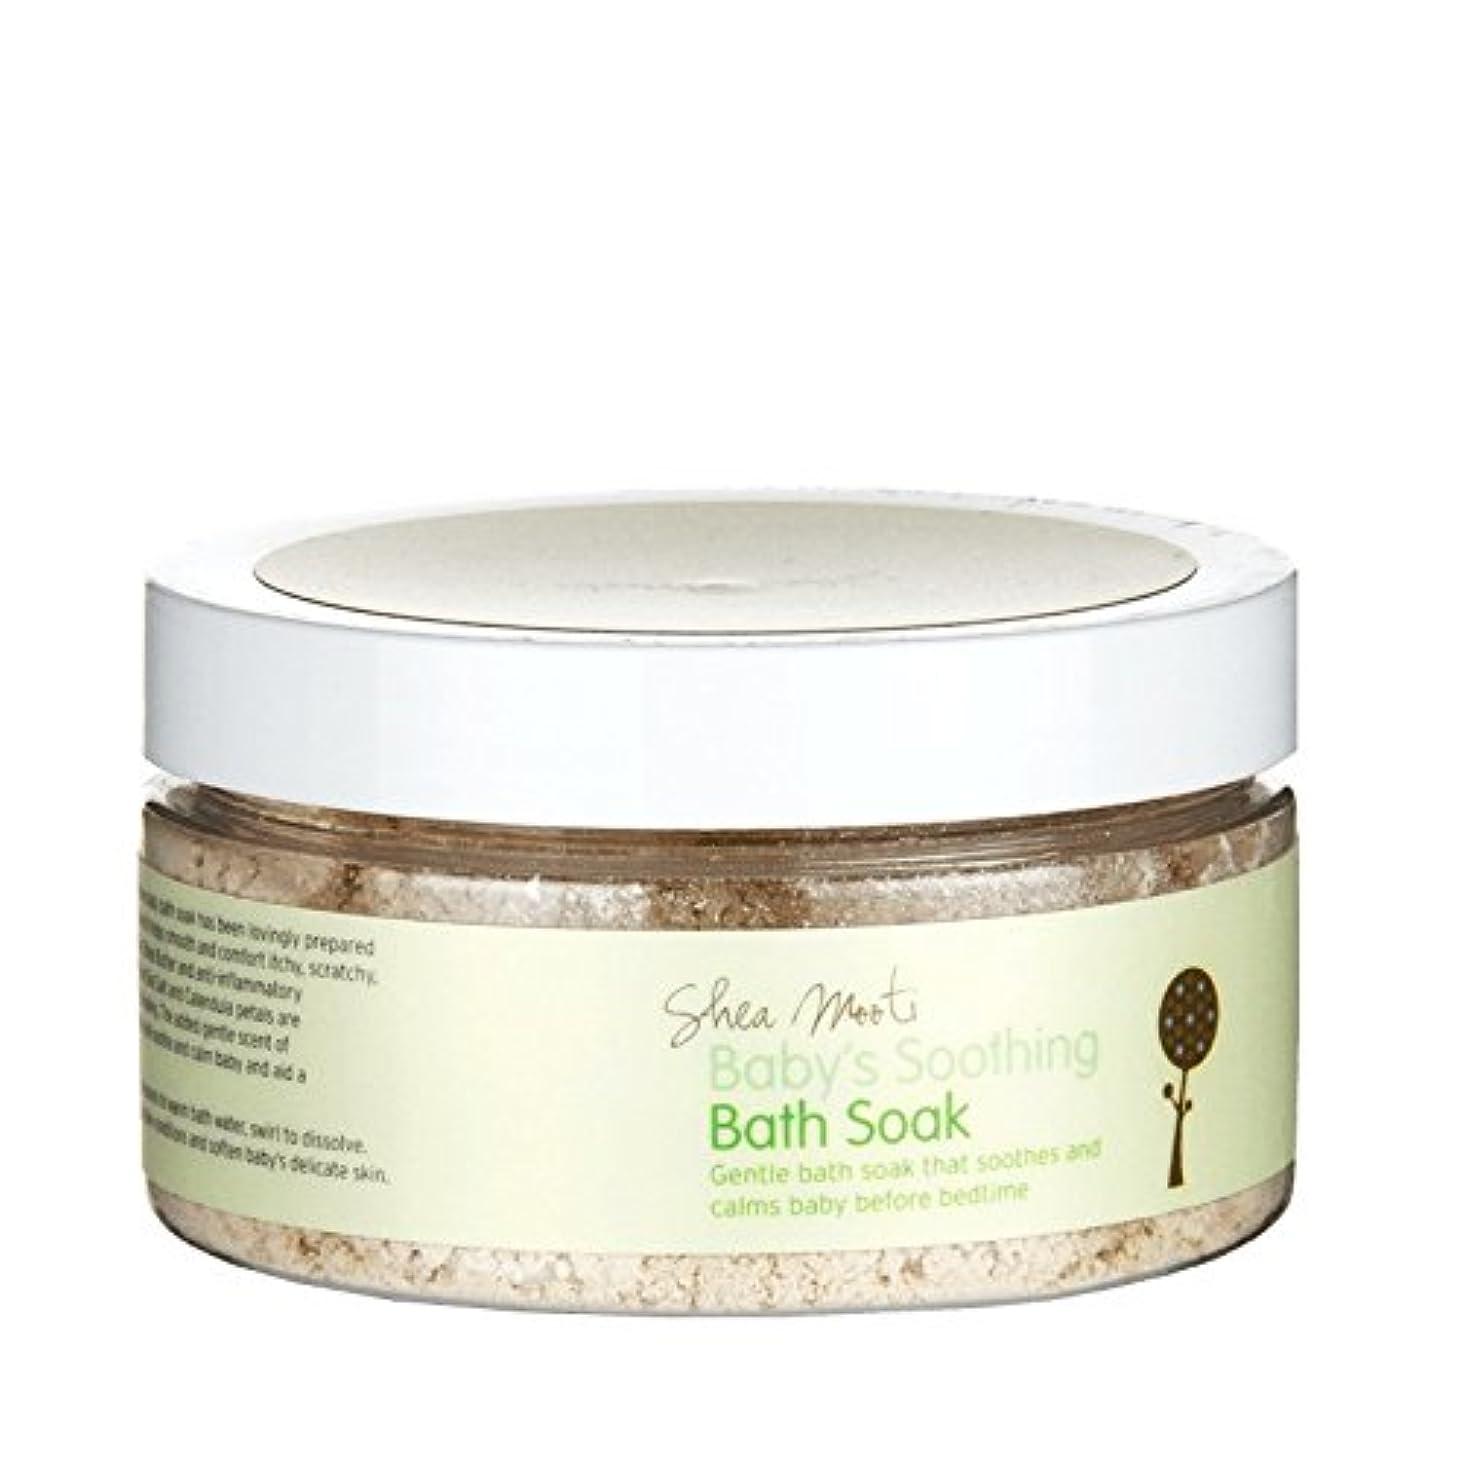 禁じる公然と交換可能Shea Mooti Baby's Soothing Bath Soak 130g (Pack of 2) - シアバターMooti赤ちゃんの癒しのお風呂は、130グラムを浸し (x2) [並行輸入品]